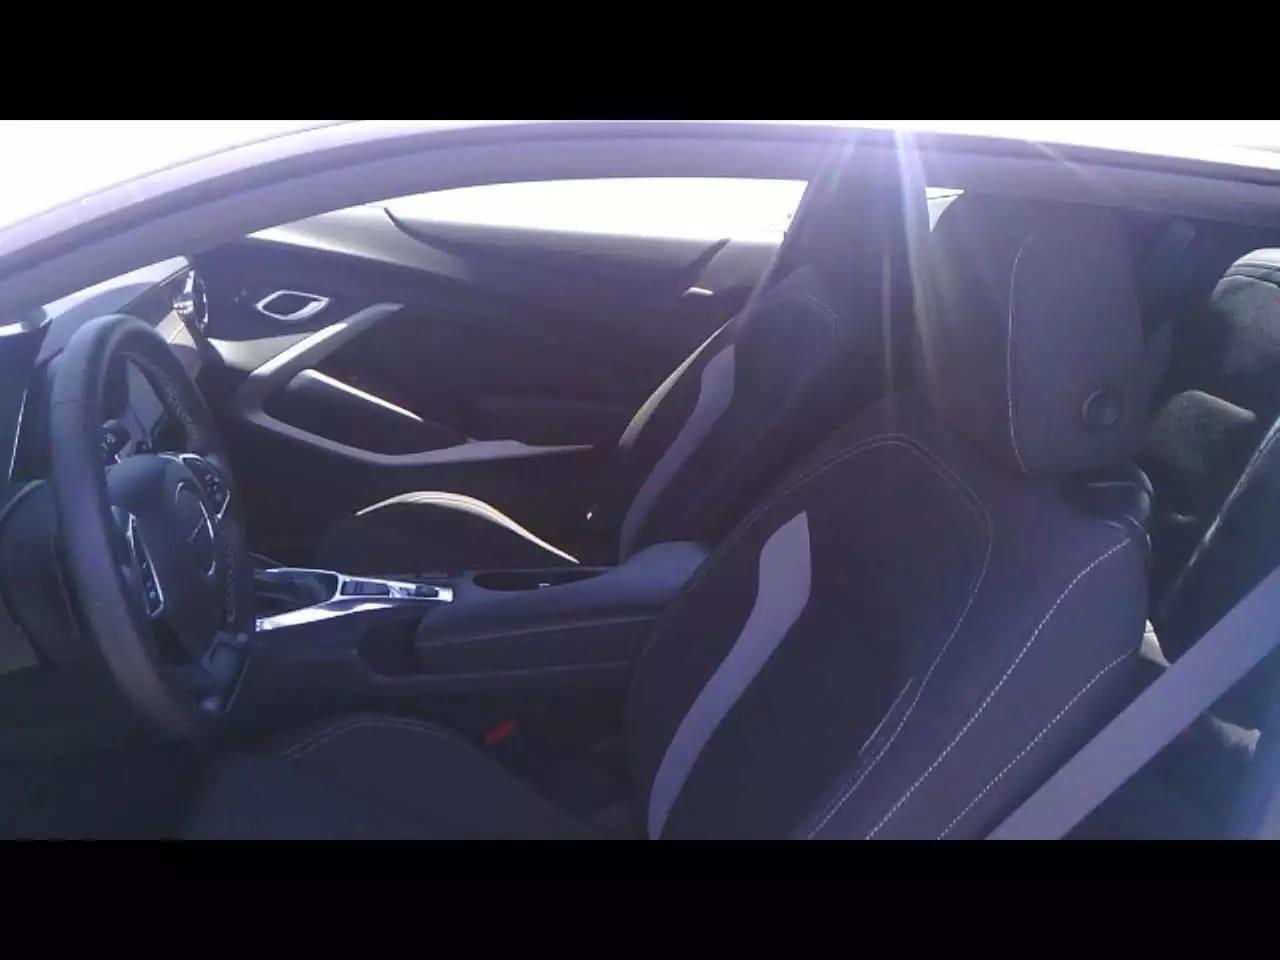 二手车推荐2018 16 Camoro,不到2w5!比新车便宜4000!看完测评来问我吧~